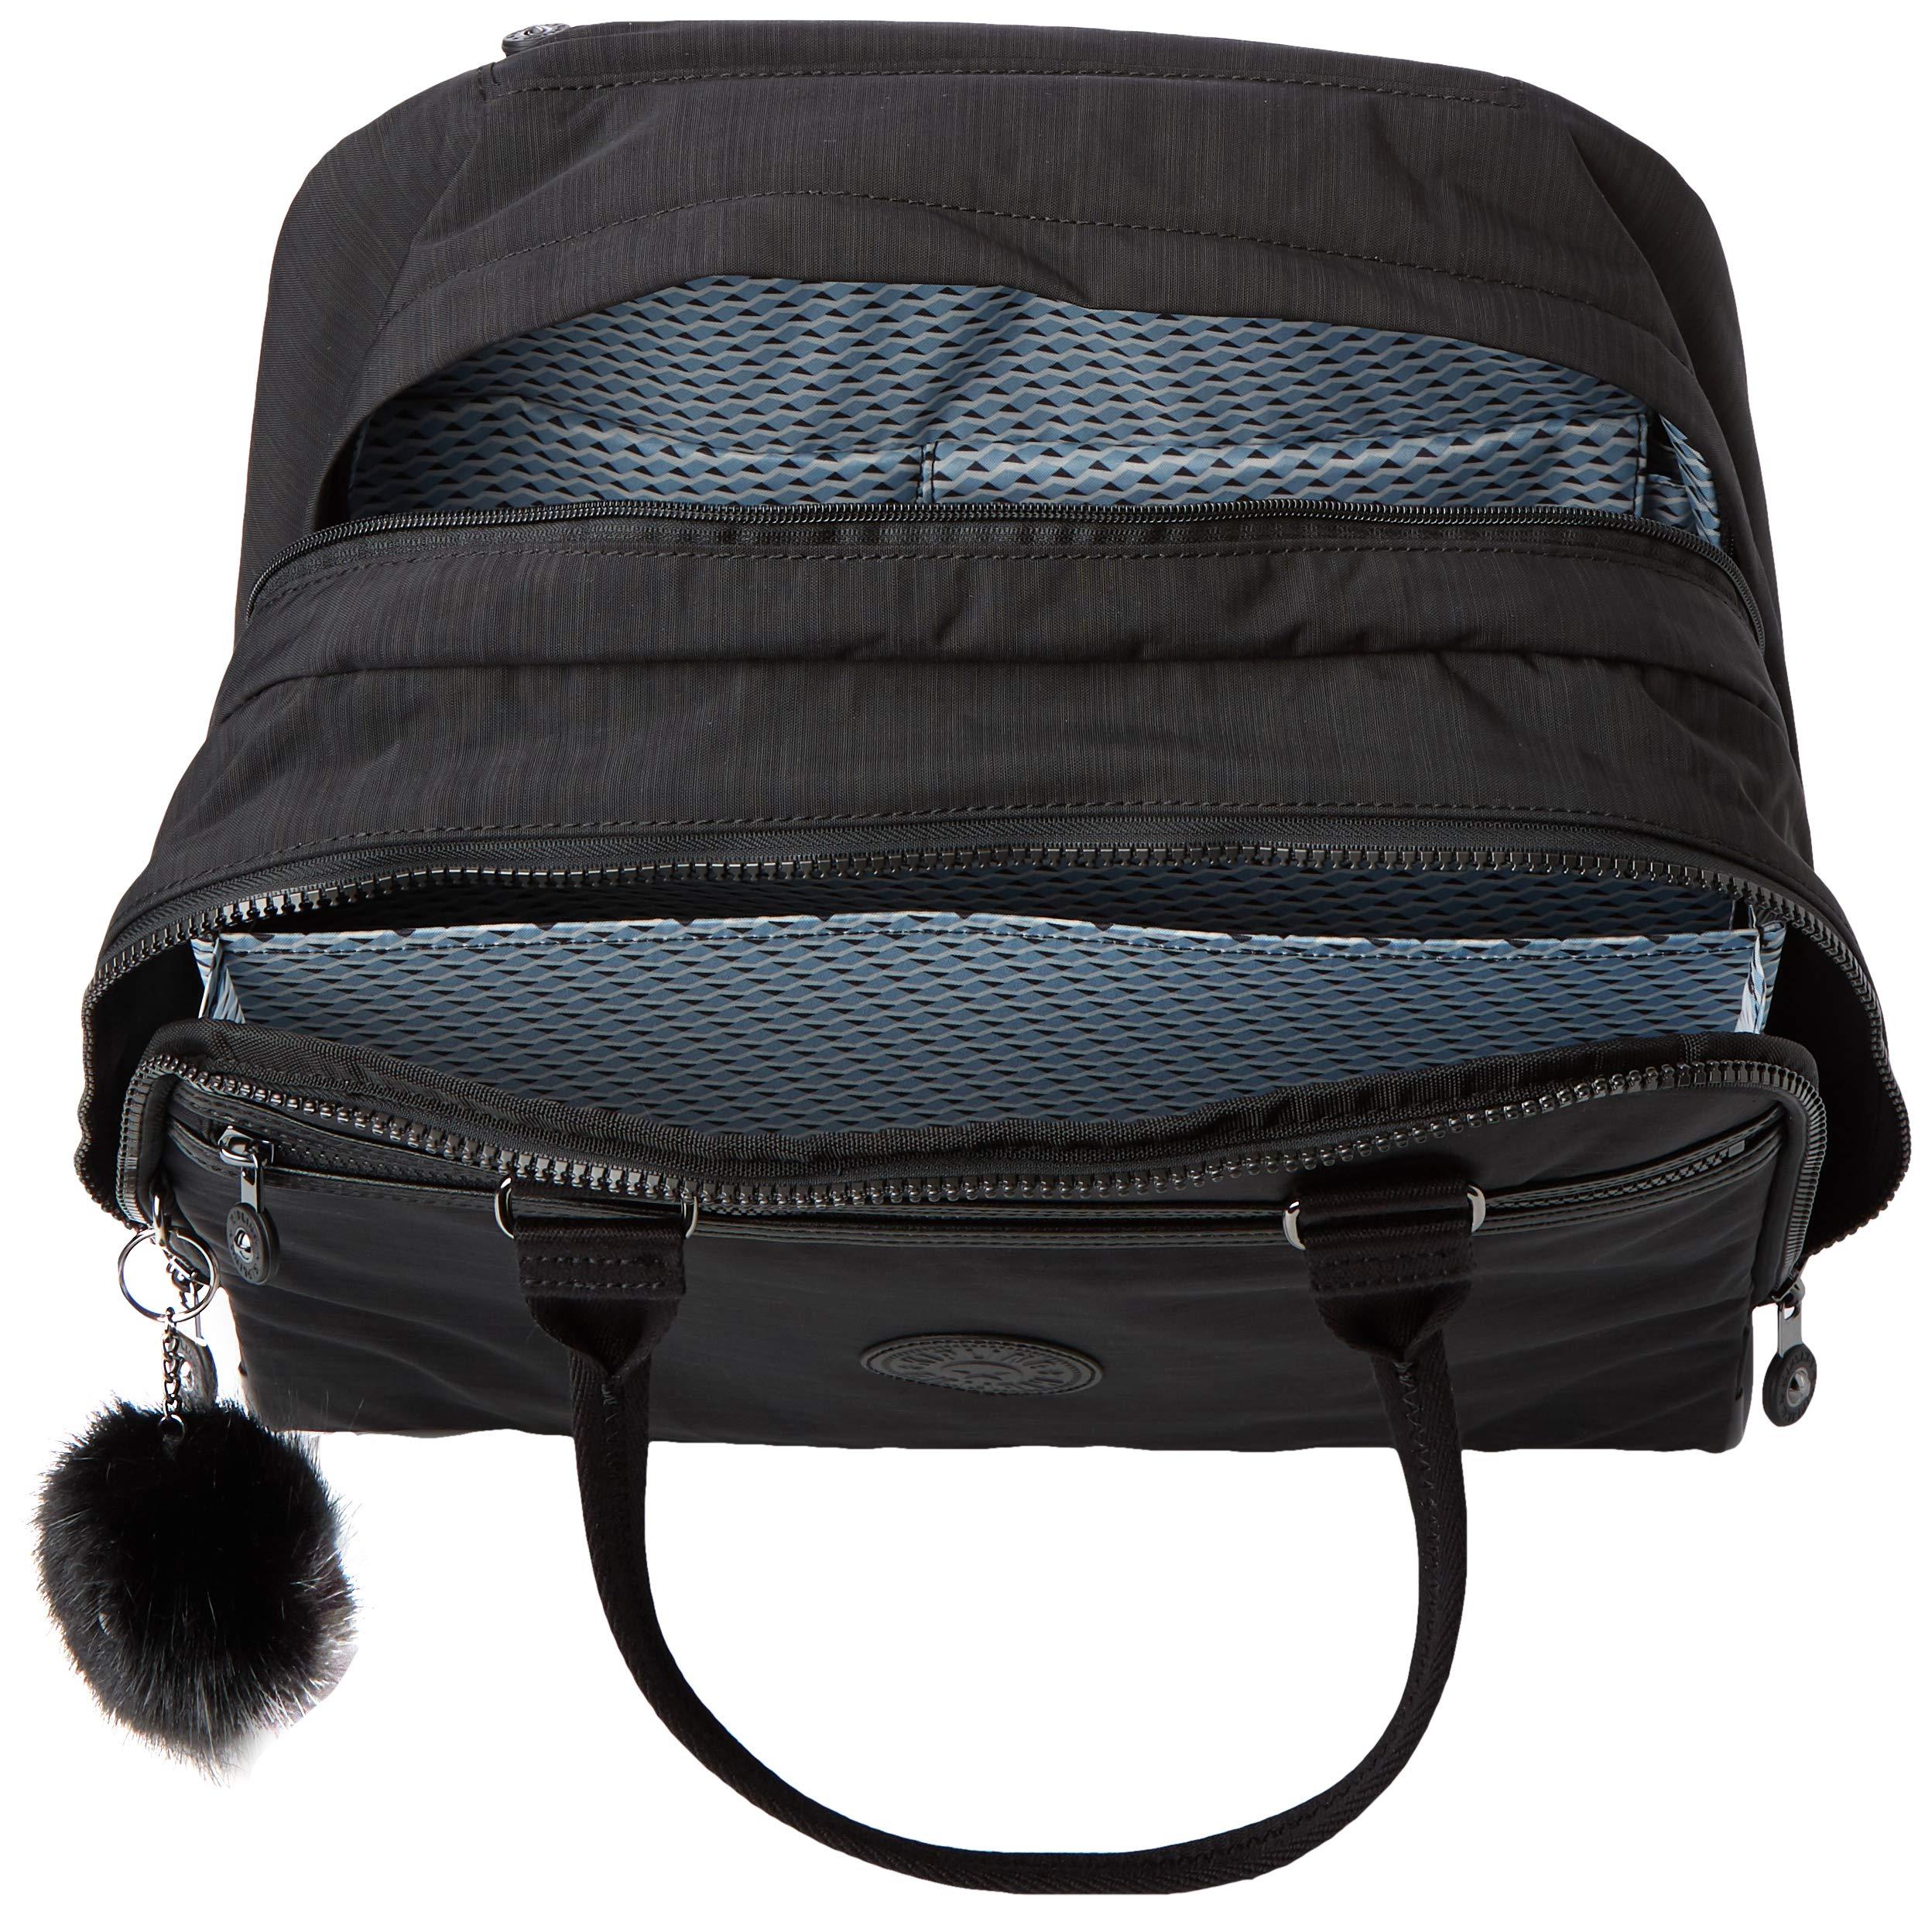 Kipling-New-Ceroc-Koffer-42-cm-23-L-True-Dazz-Black